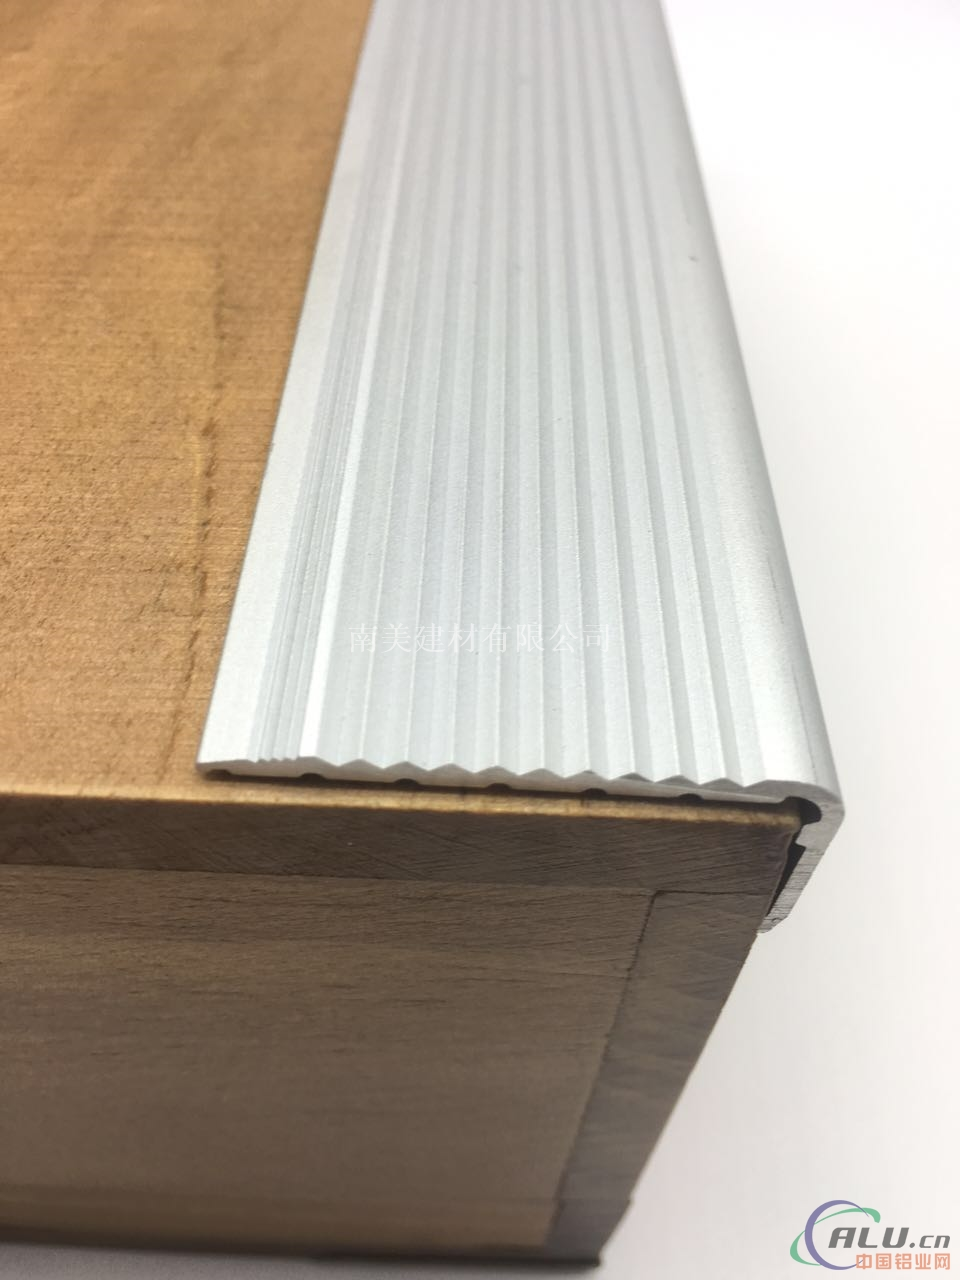 防滑条  做法_铝合金楼梯防滑条计算与做法_建筑型材-南京美硕建材有限公司